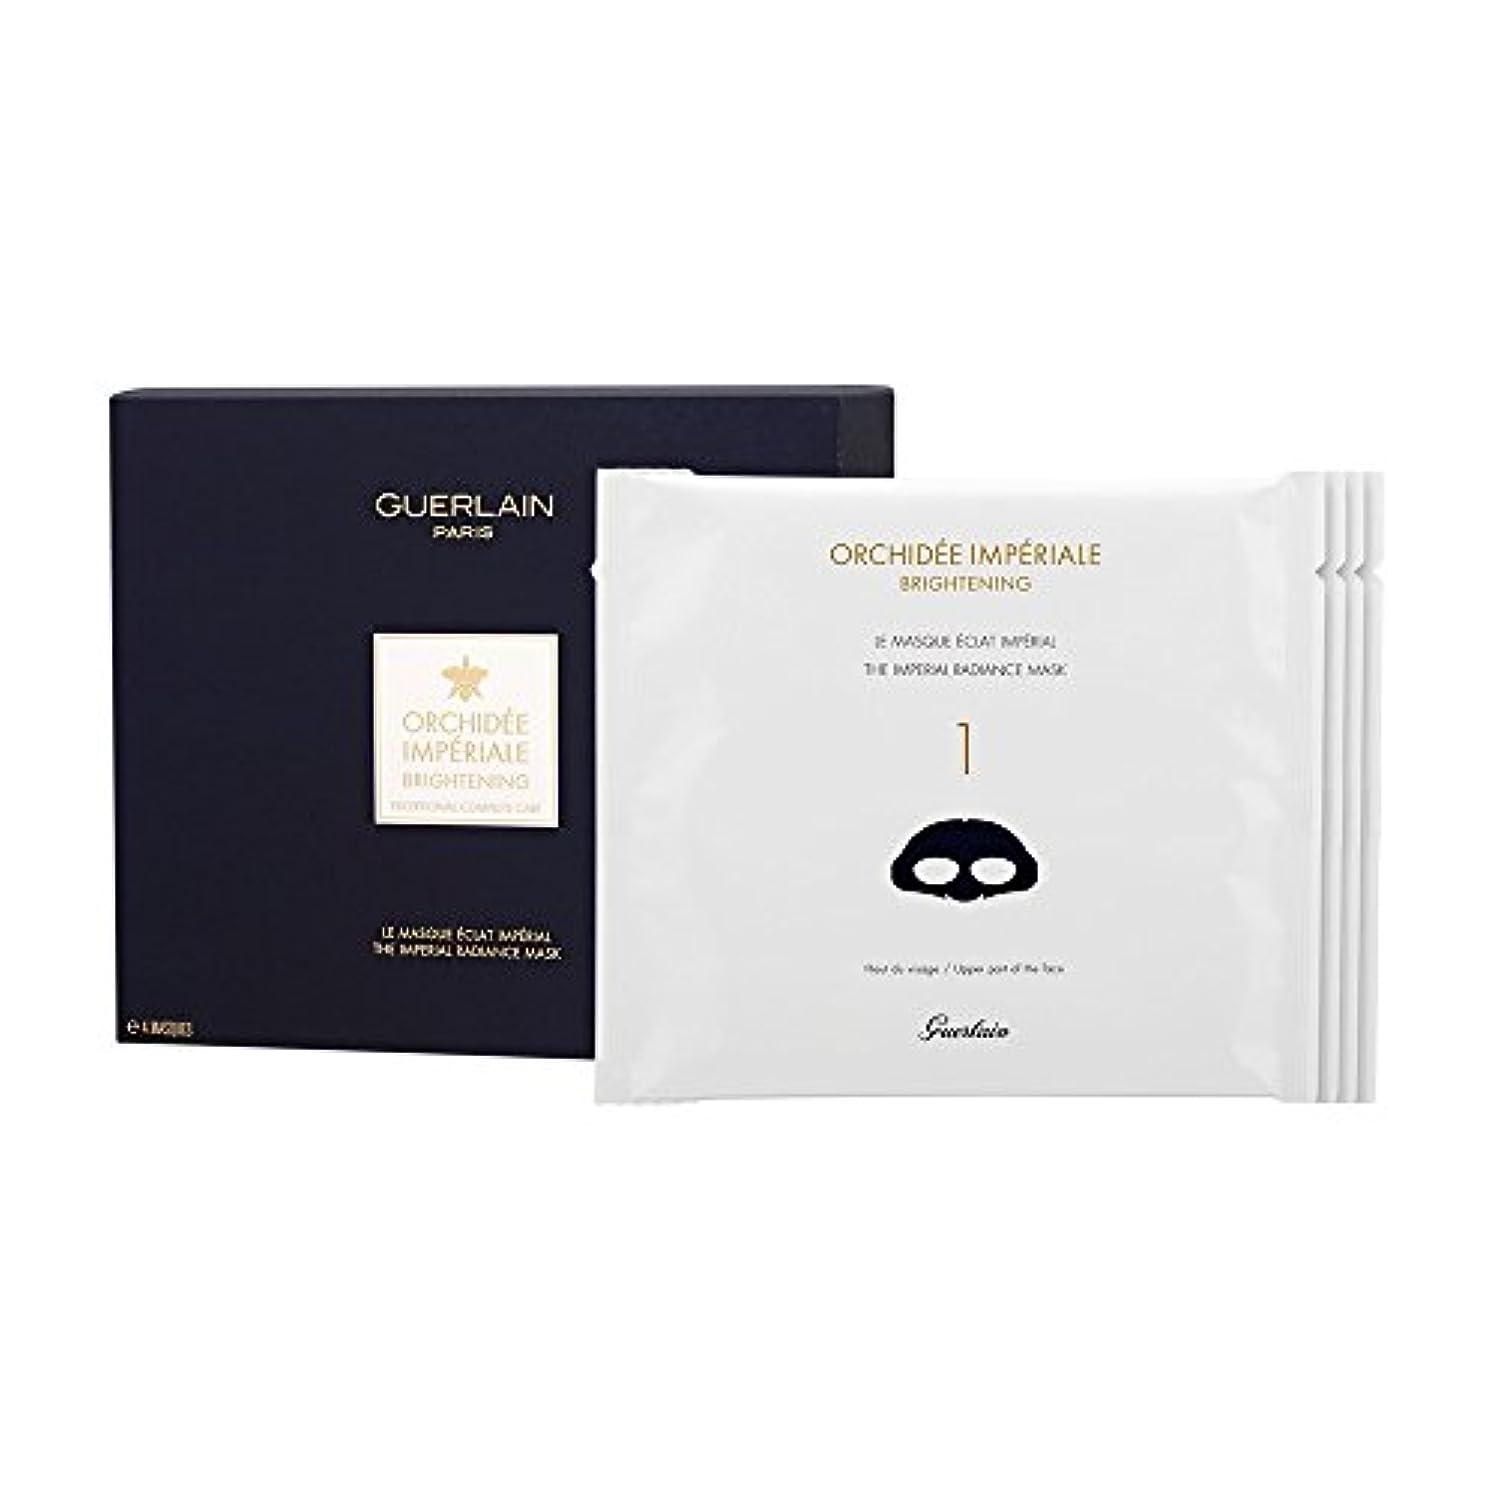 奨励します提唱する経験的ゲラン(Guerlain) オーキデ アンペリアル ザ ラディアンス マスク 4Masks [並行輸入品]